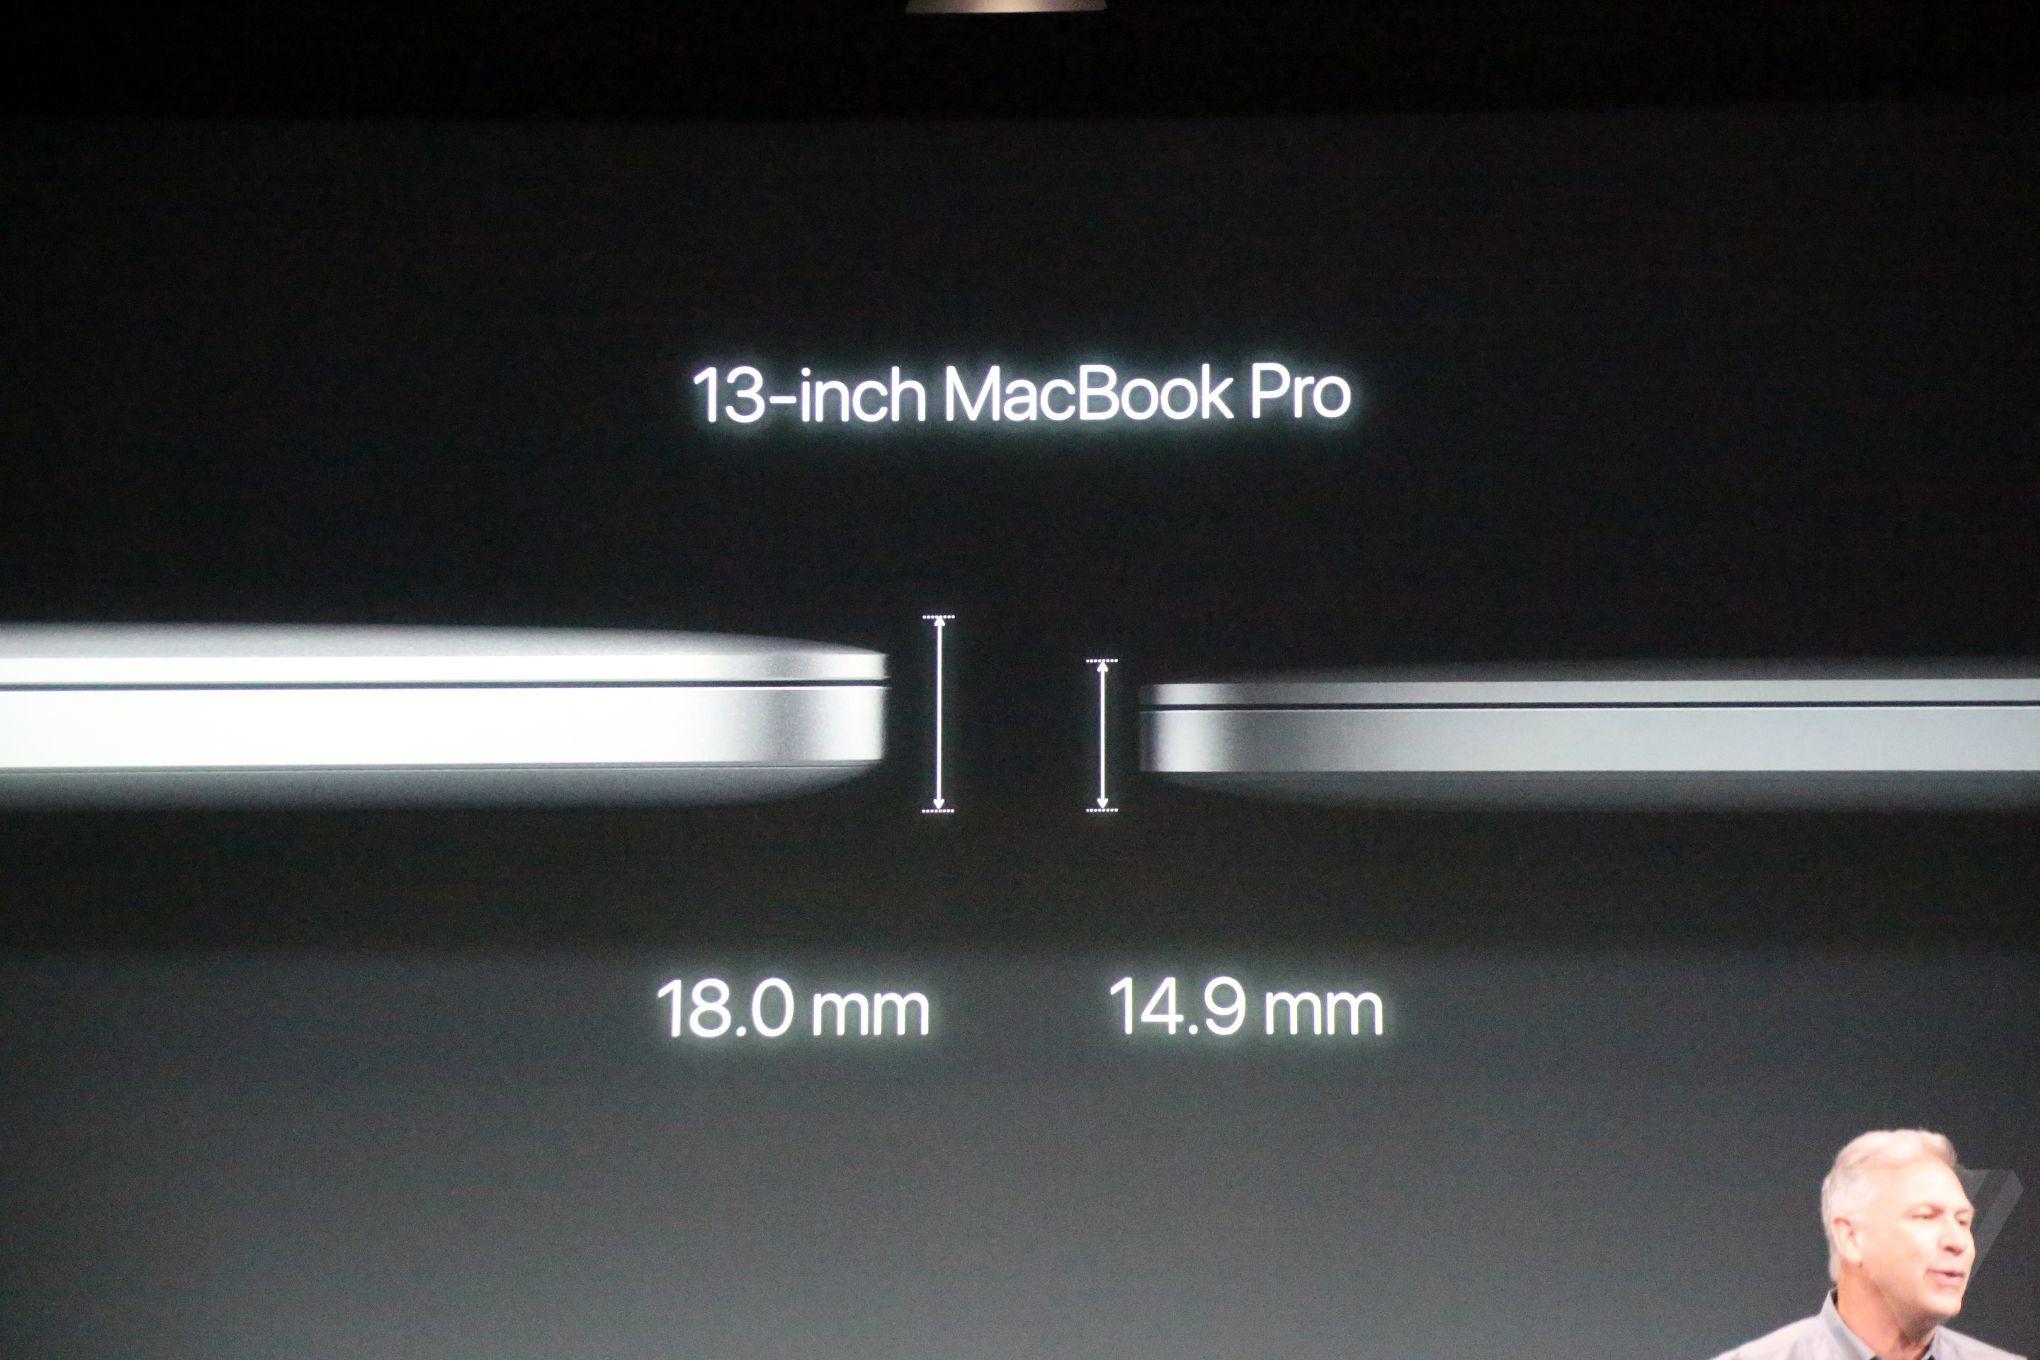 apple-macbook-event-20161027-8059